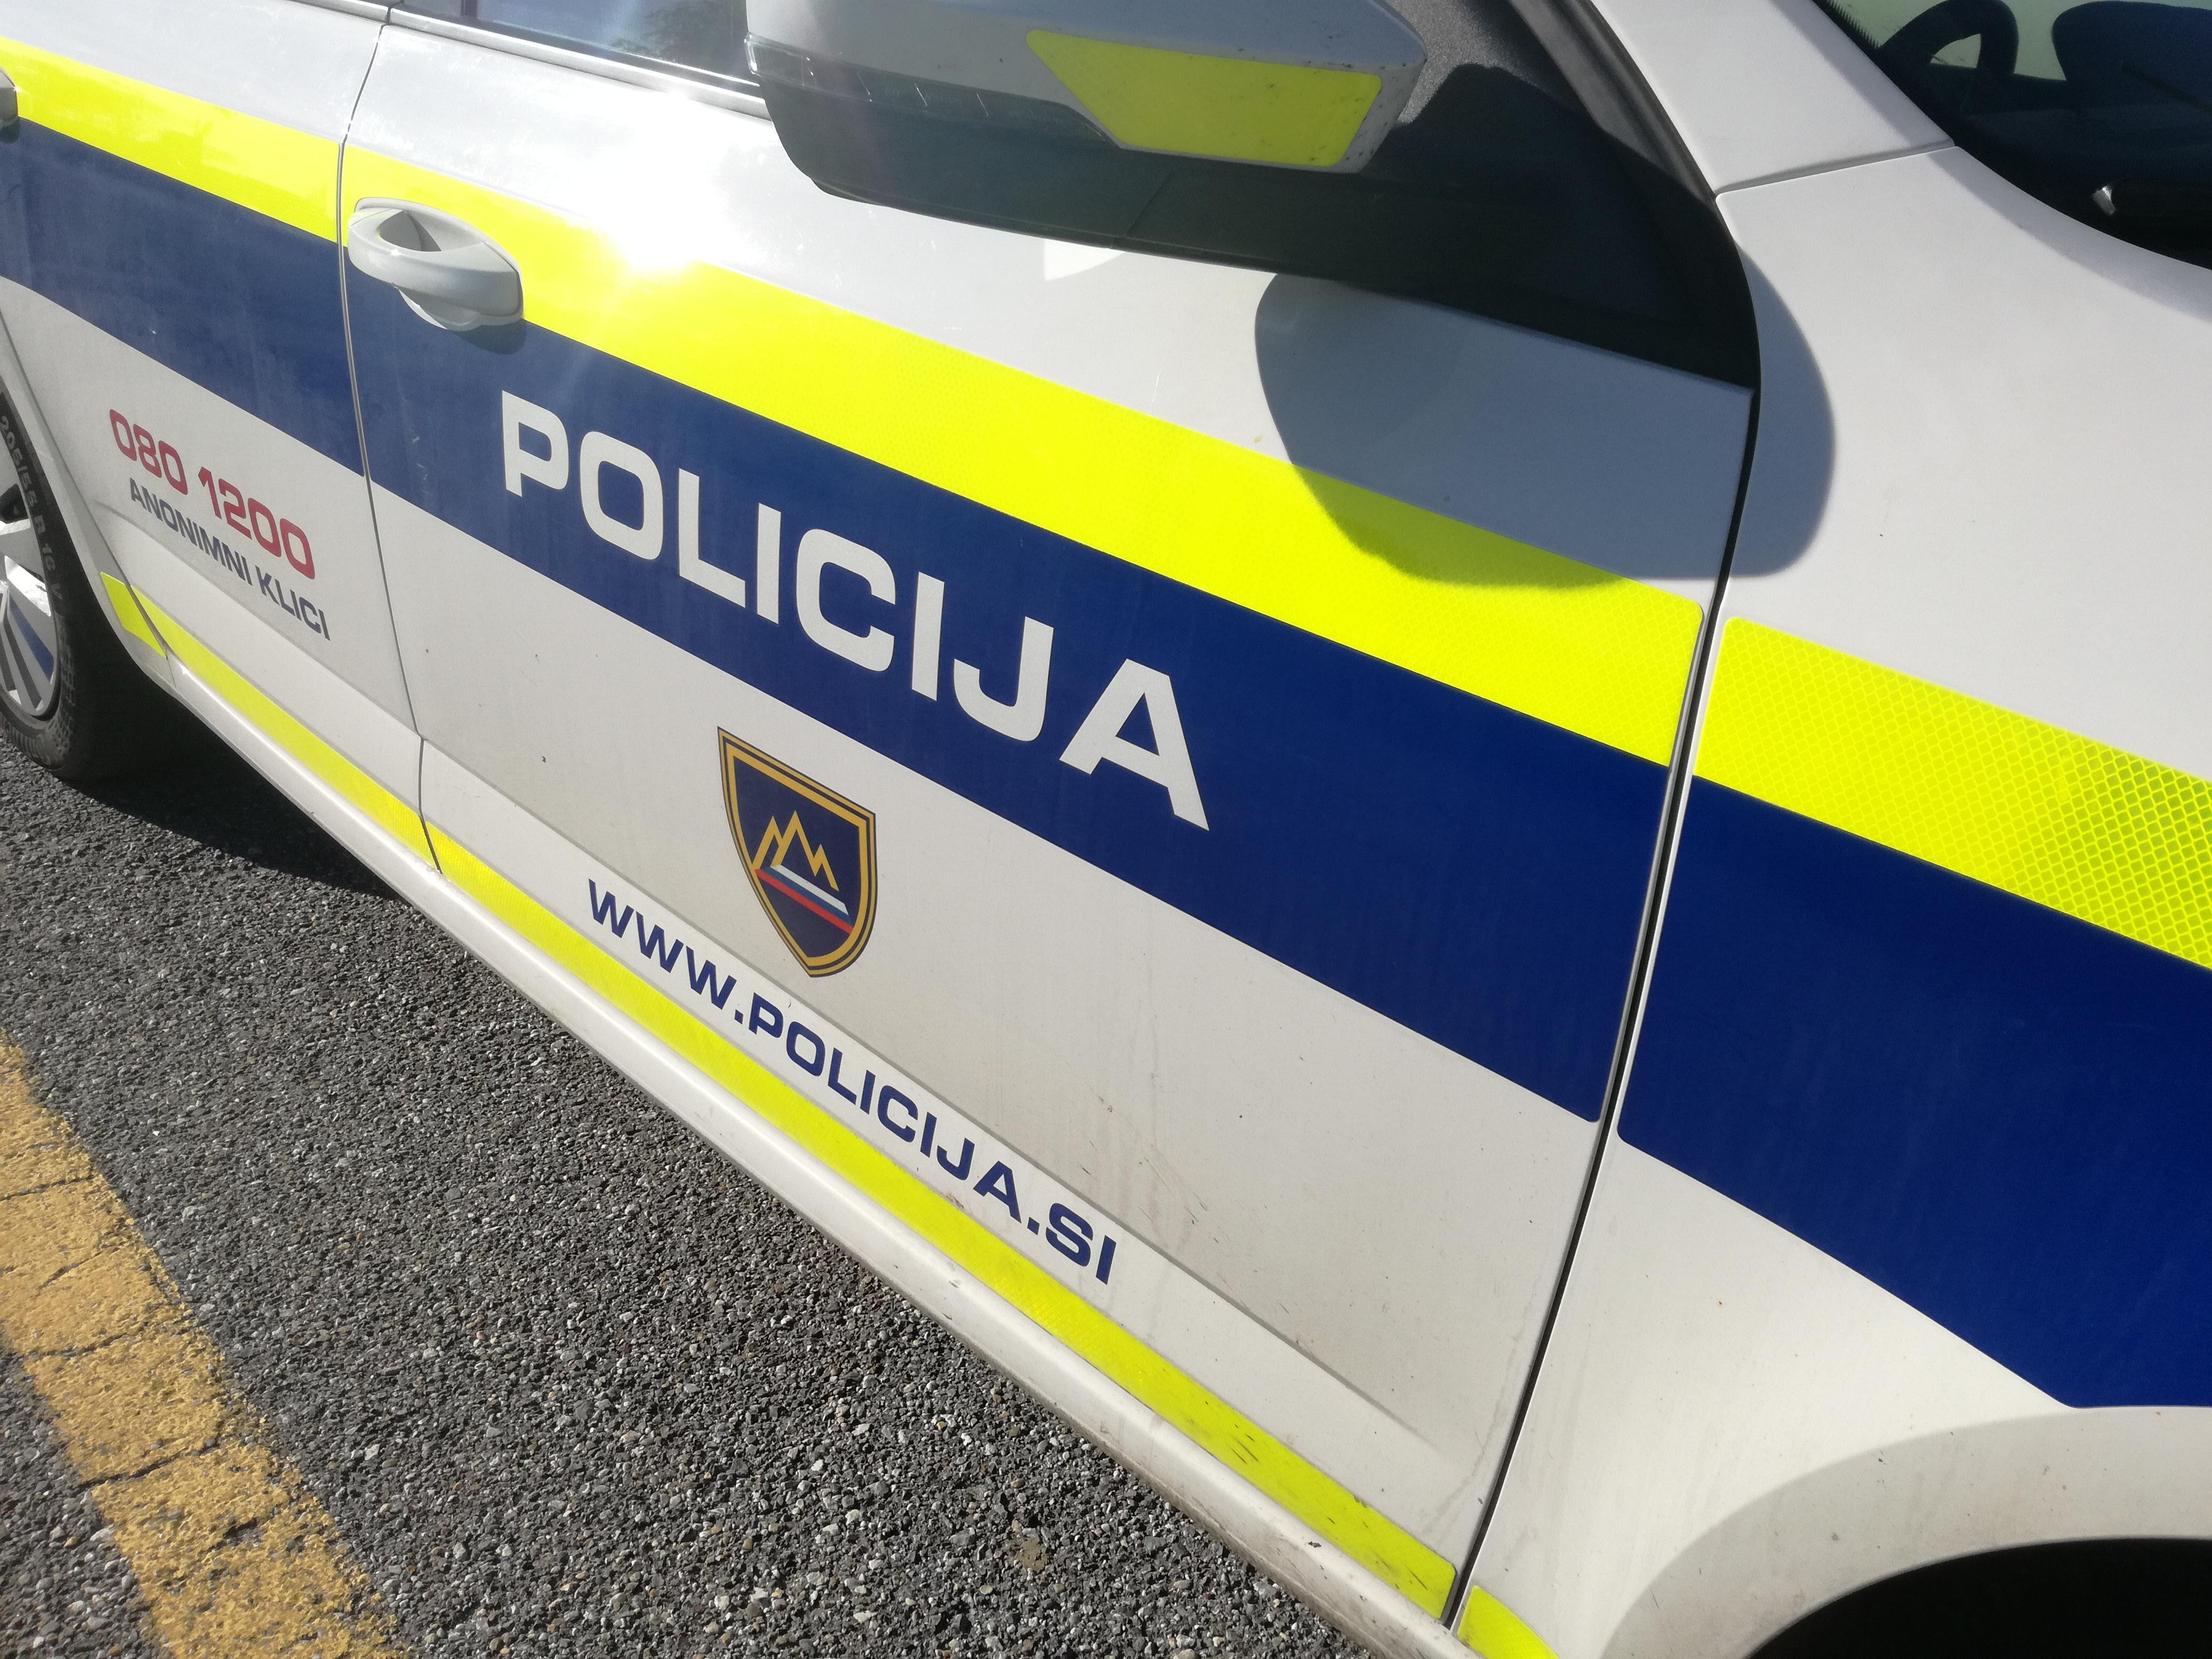 Gorelo v Mezgovcih, na Drvanji pa v prometni nesreči poškodovana dva mlada fanta